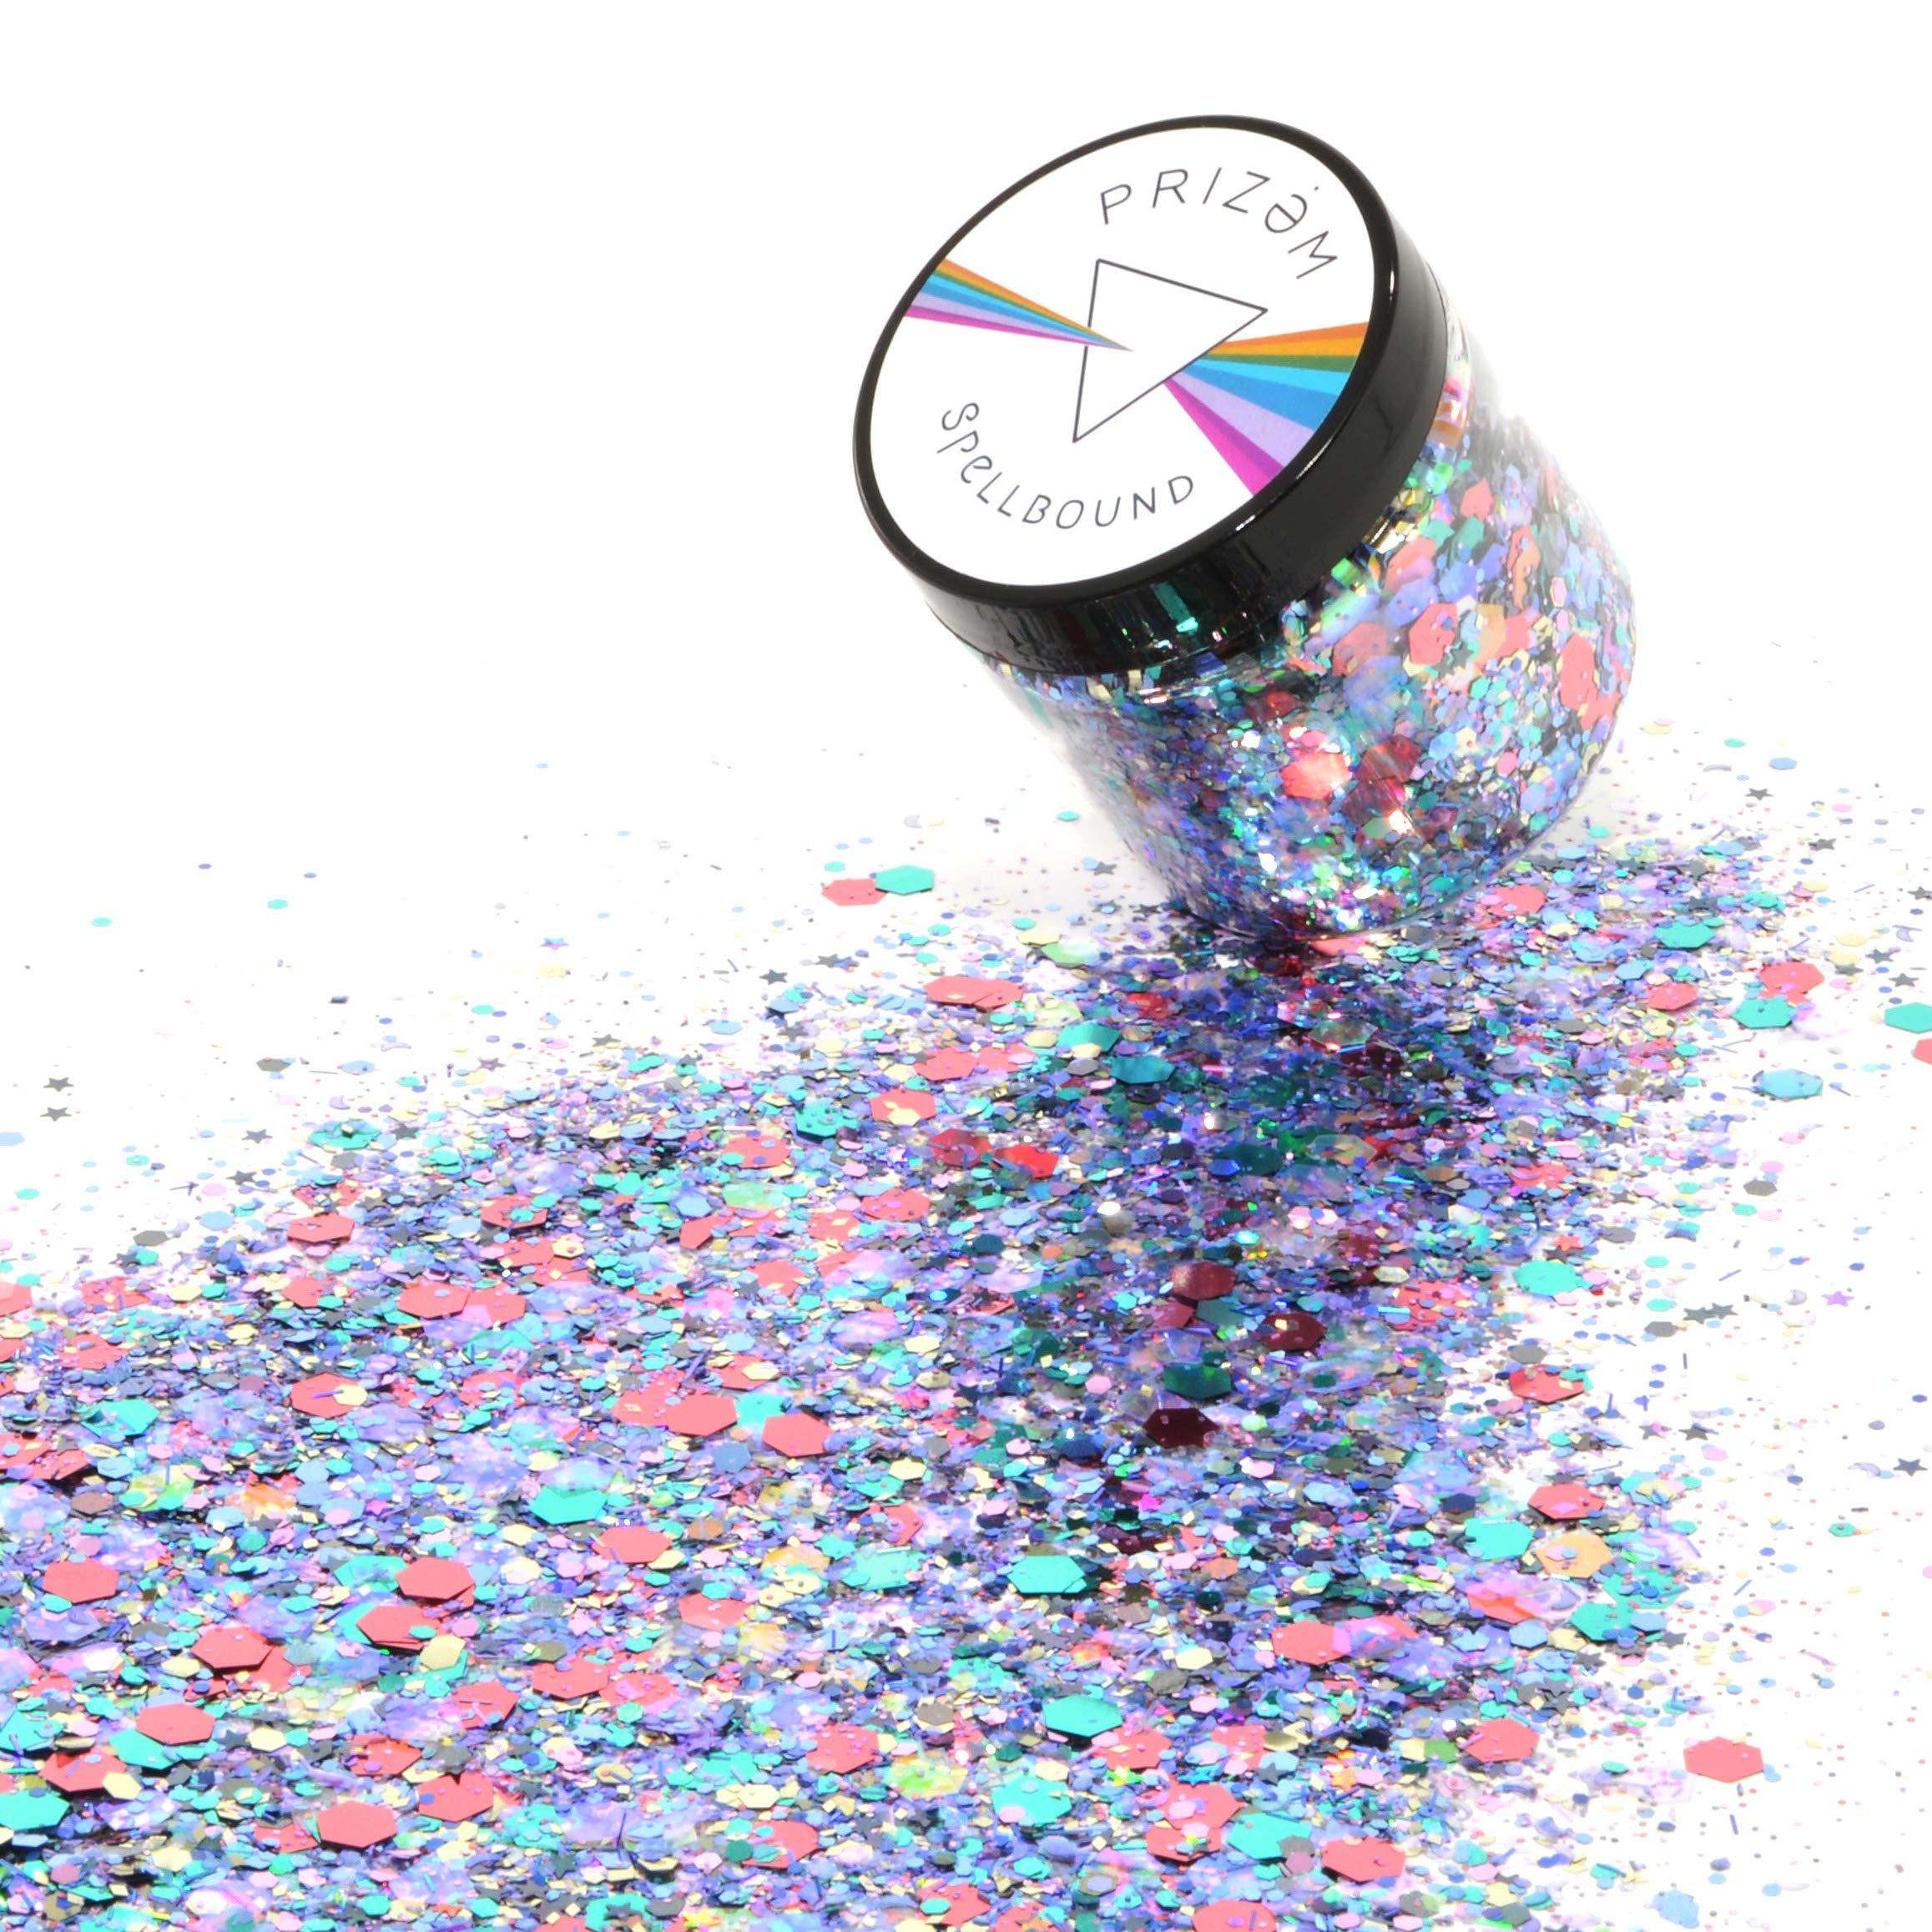 Spellbound Glitter ▽ 60g ▽ Festival Glitter , Chunky Glitter , Makeup Glitter , Face Glitter , Body Glitter , Glitter Makeup , Hair Glitter , Cosmetic Glitter , Nail Glitter , Eyeshadow Glitter